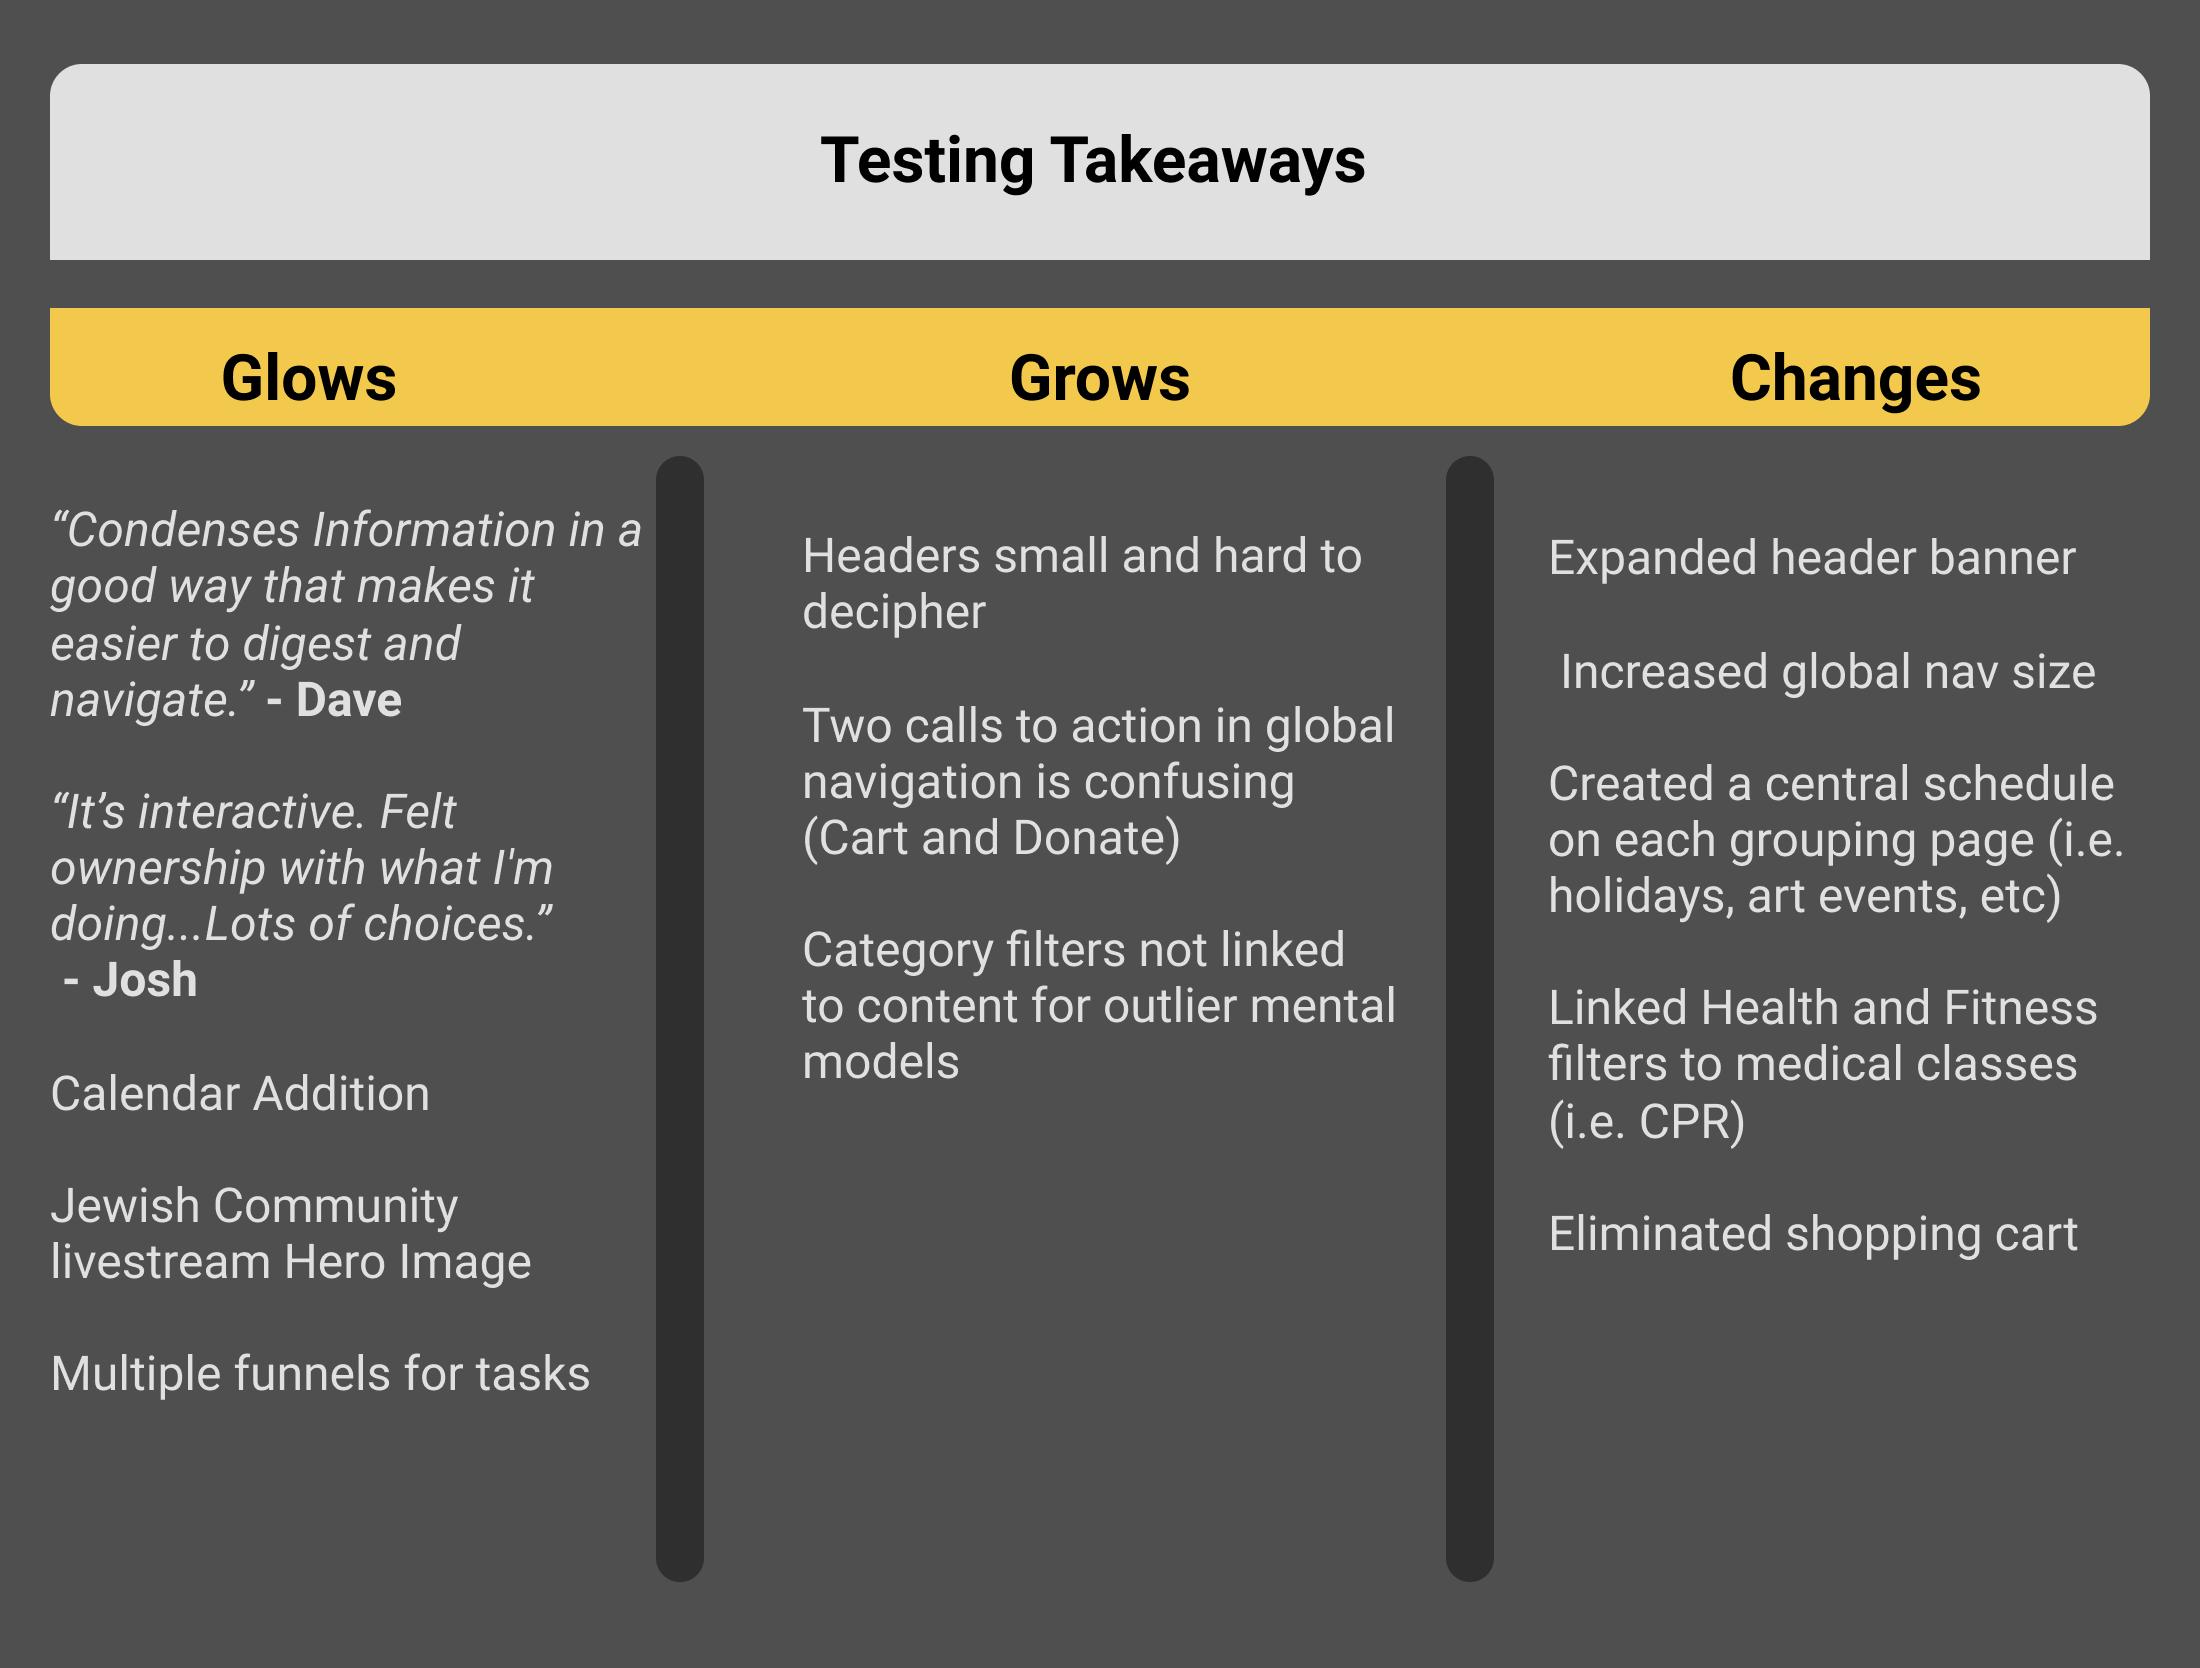 usability testing takeaways.jpg